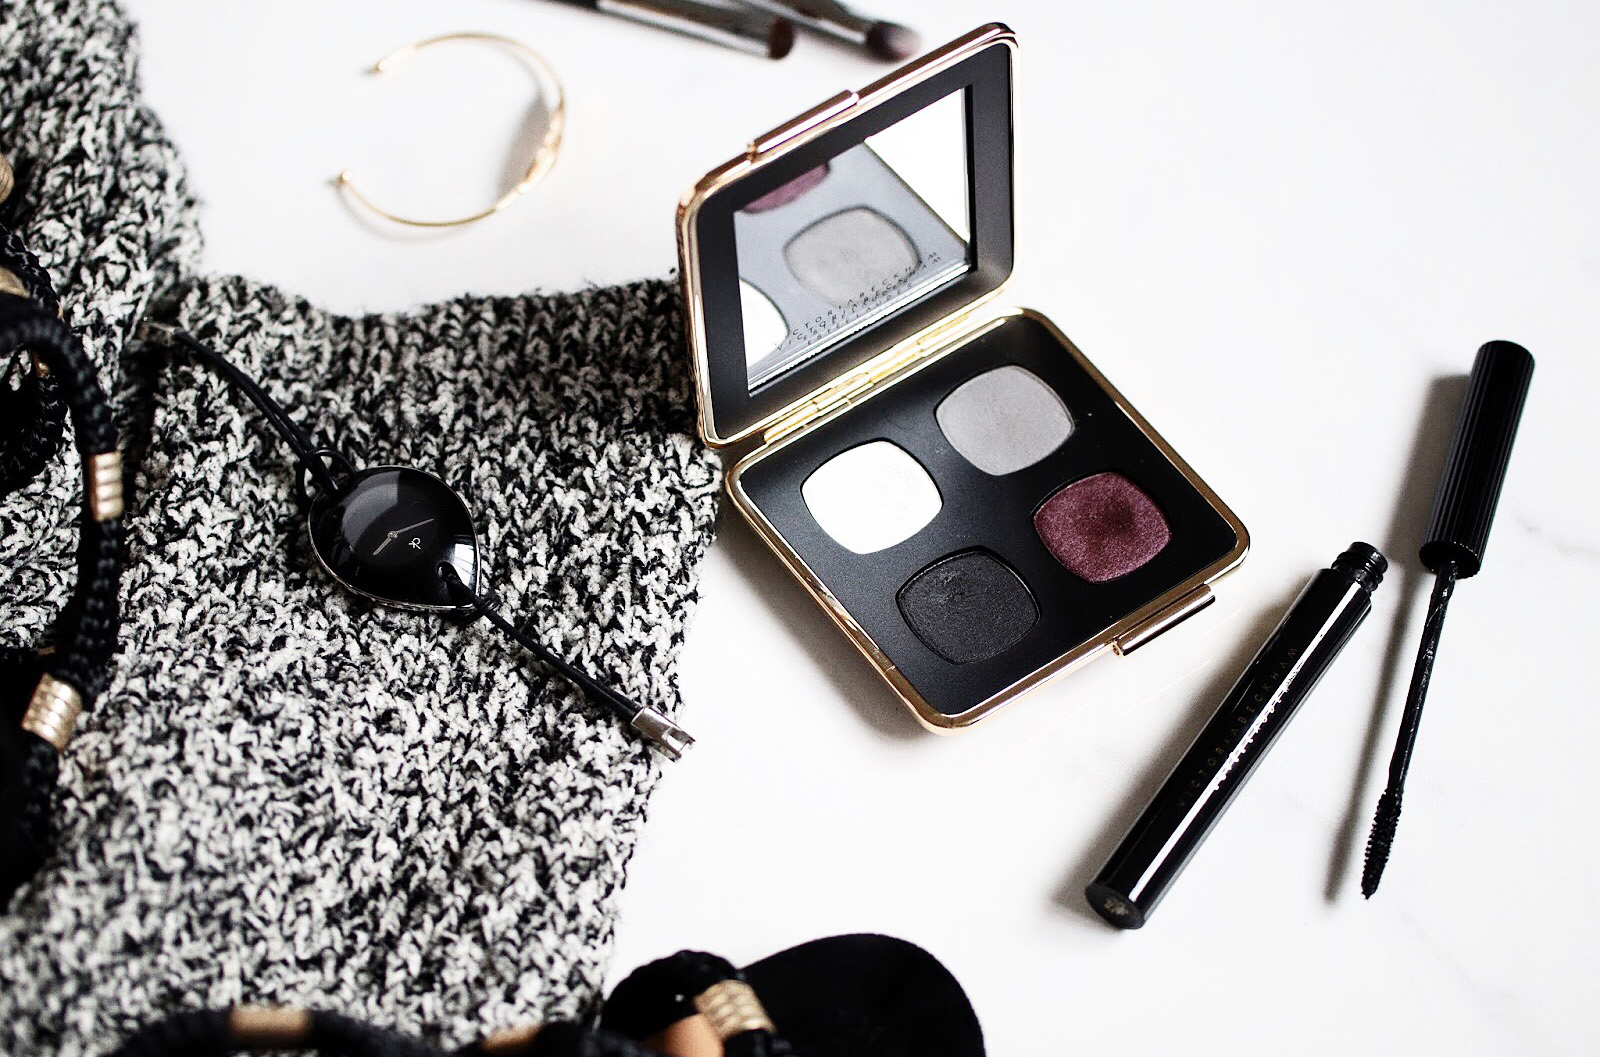 estee lauder victoria beckham collection automne 2017 eye palette mascara avis test swatches